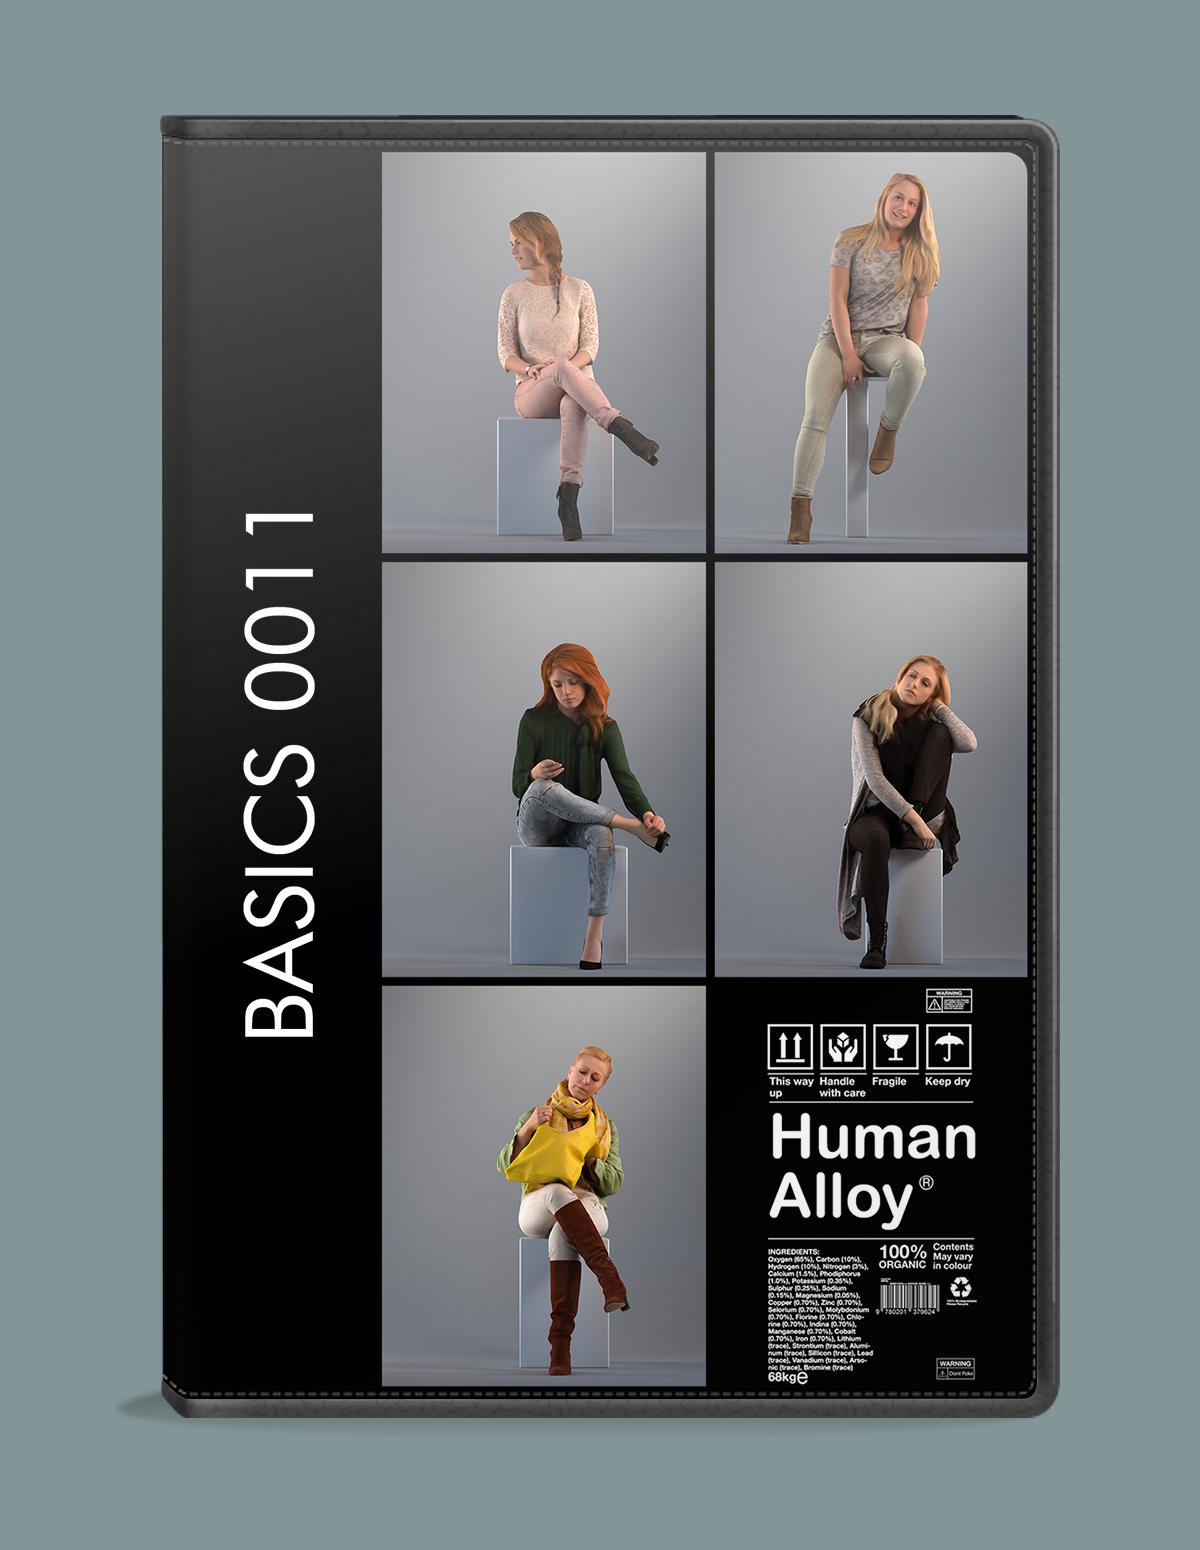 Human Alloy Basics 0011